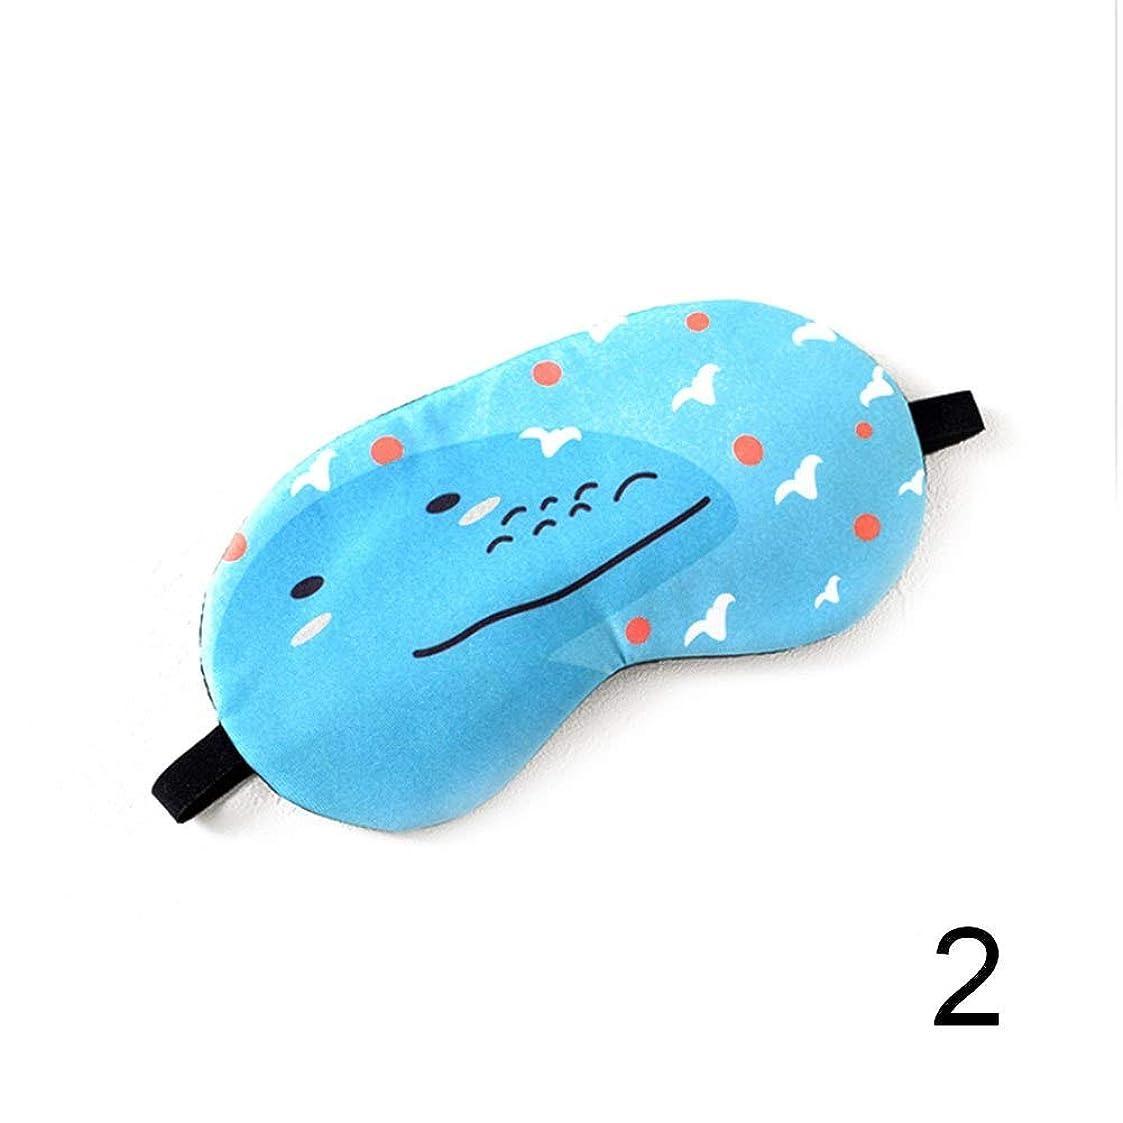 情熱的ショップシーケンスNOTE 新しい夏の睡眠マスクアイパッチ疲れた休息旅行リラックス目隠しアイスカバーかわいいパターン睡眠アイシェードDC88